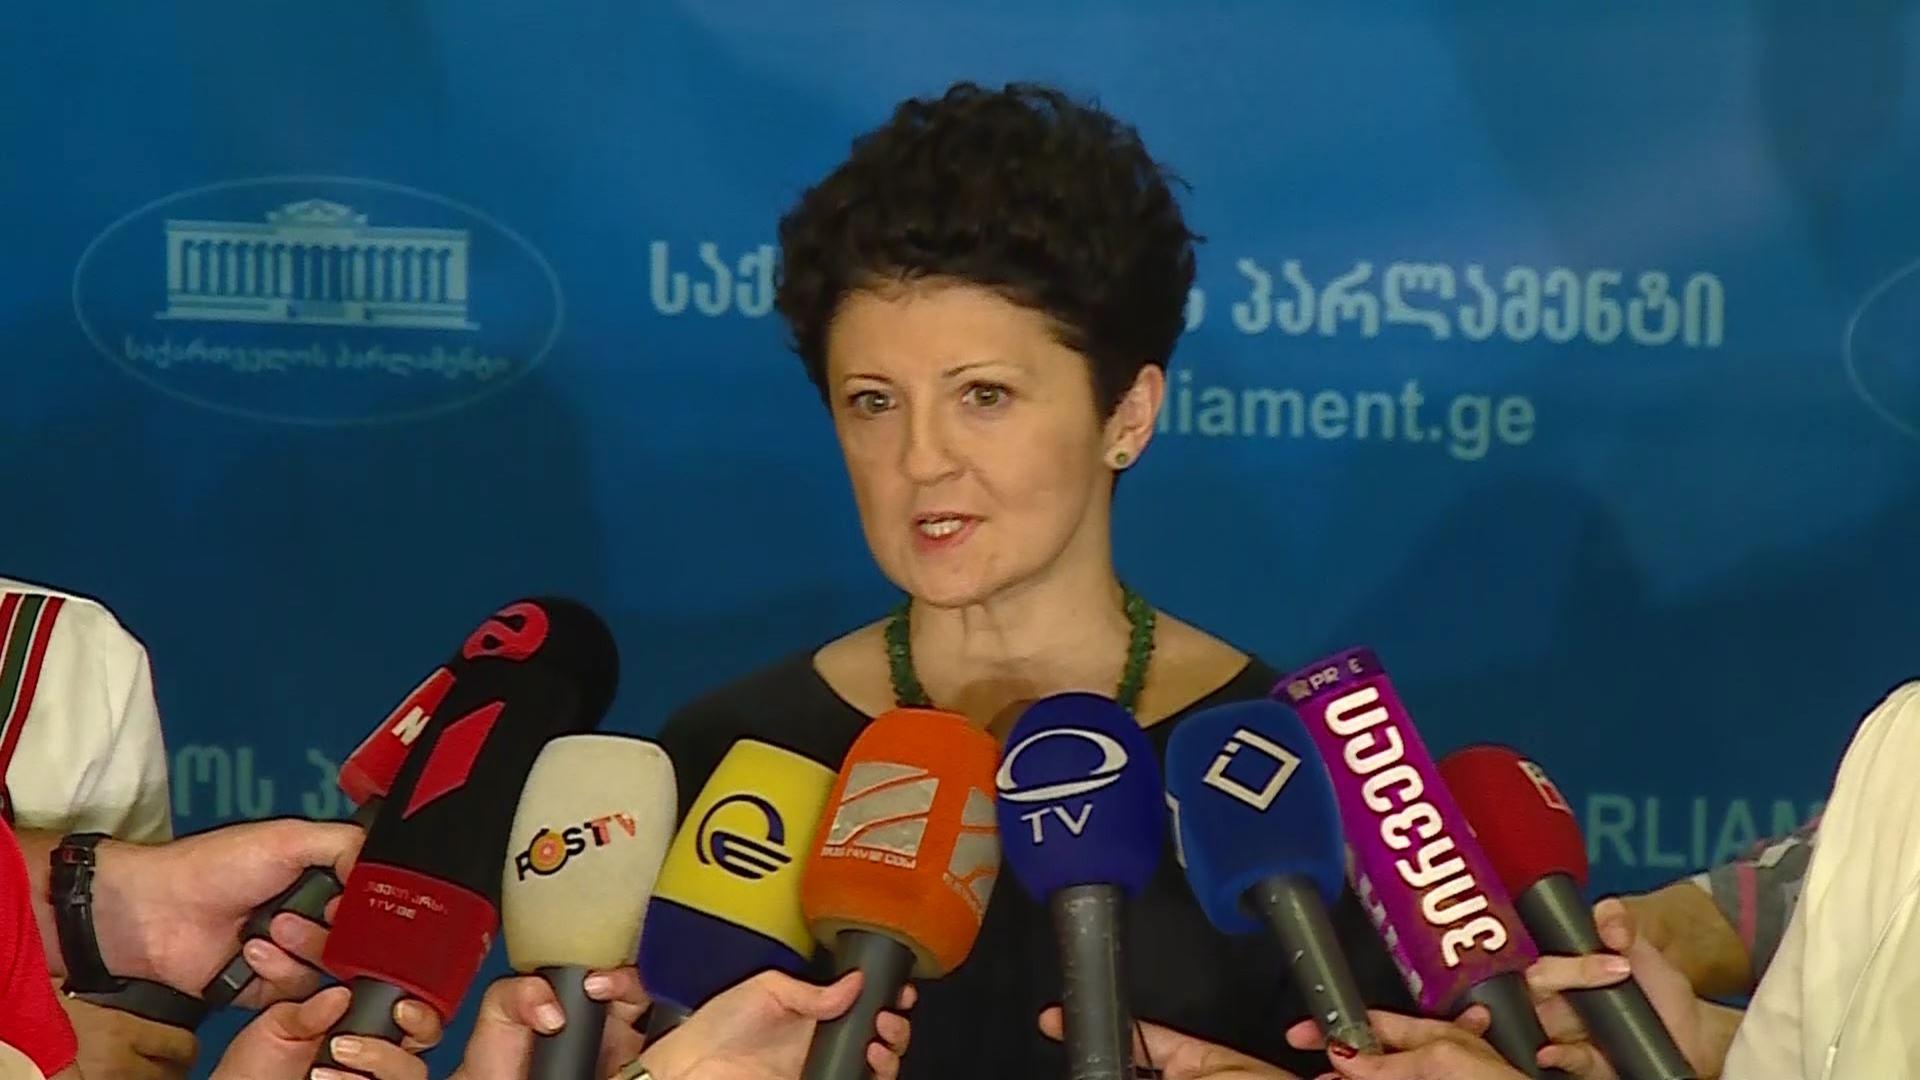 თეა წულუკიანი : ''ვიქნები ქართული ოცნების მთავარი მოთამაშე''